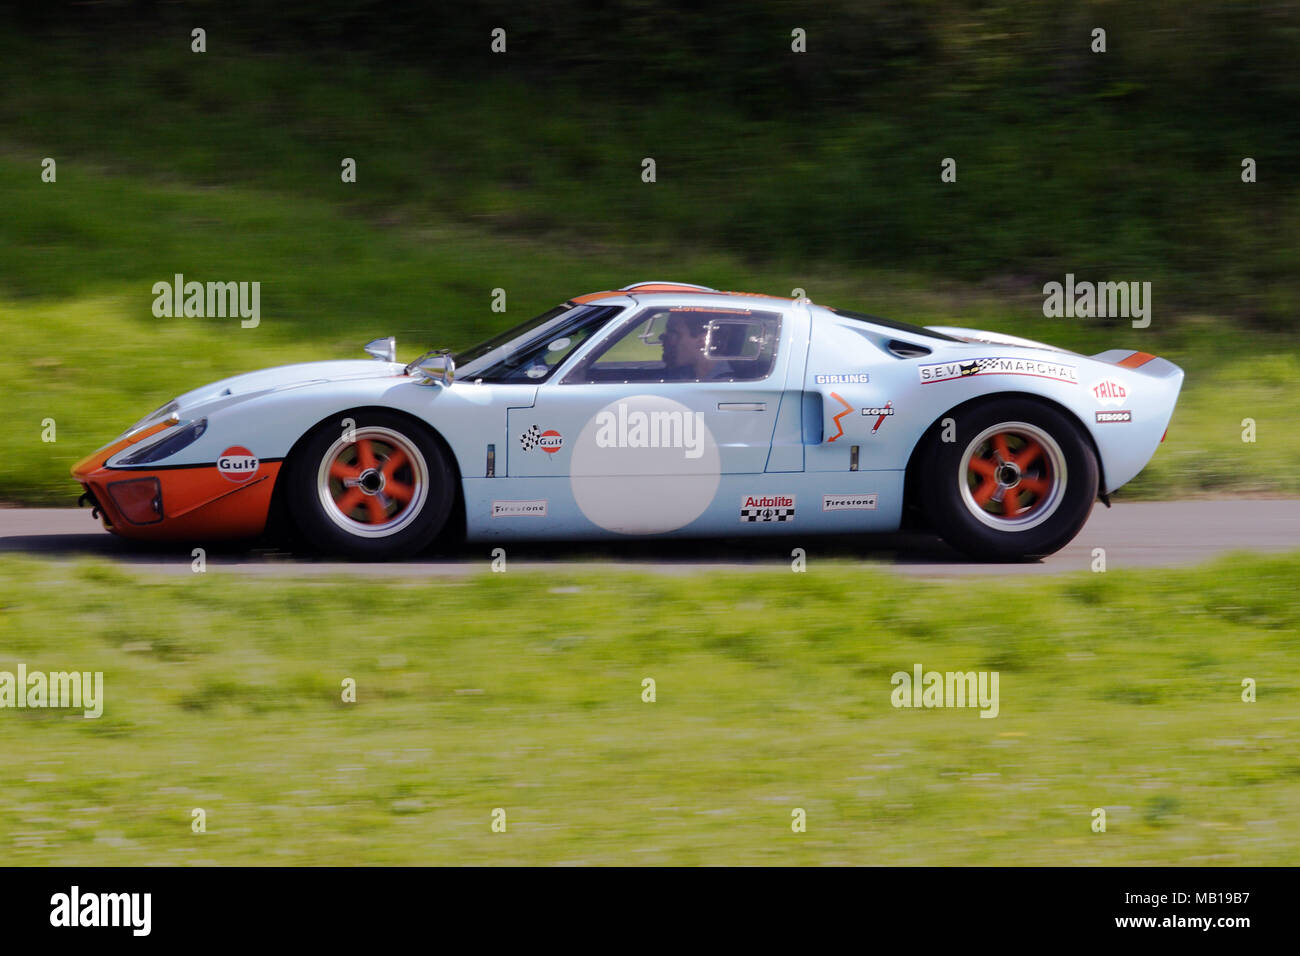 """Gulf Farben Ford GT 40 GT 40 klassische Vintage Racing Car """"schnelles Fahren im Profil (Seitenansicht). Stockbild"""